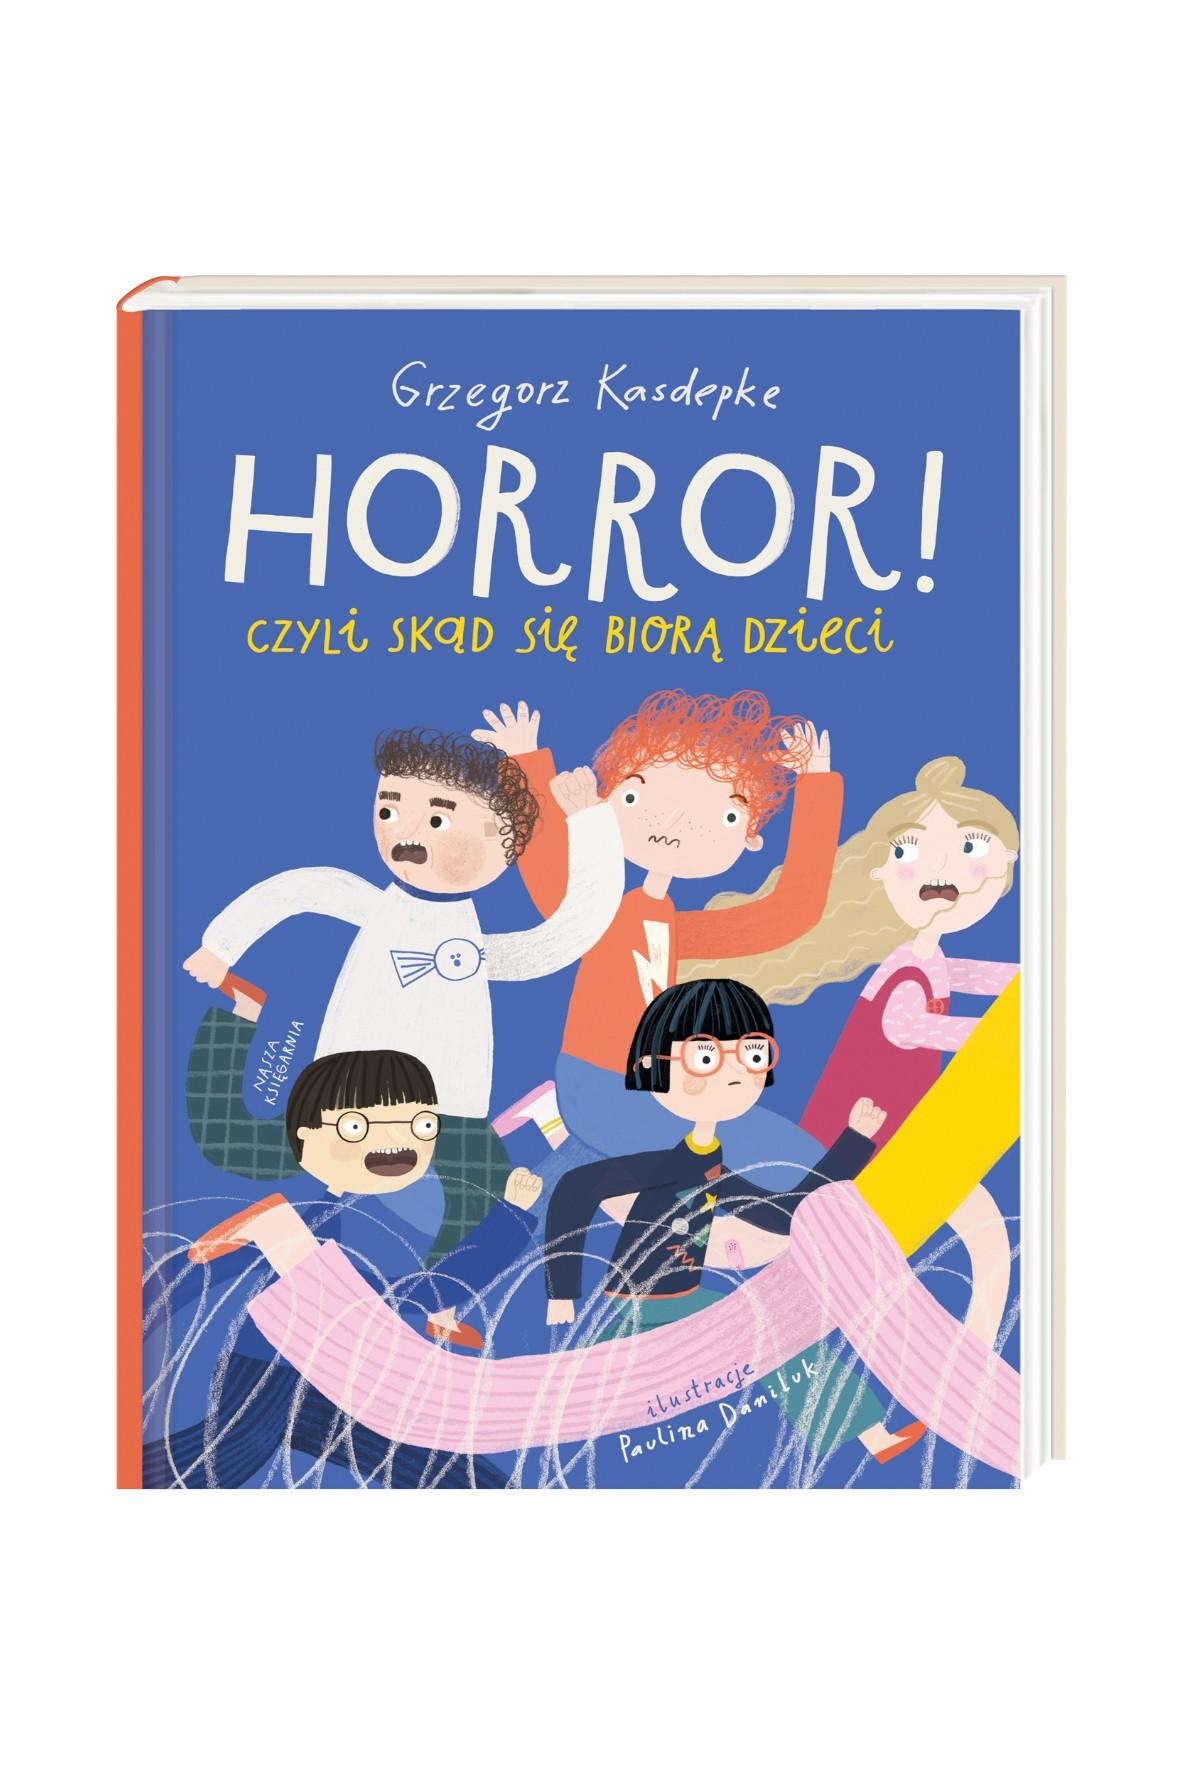 Książka dziecięca - Horror! czyli skąd się biorą dzieci